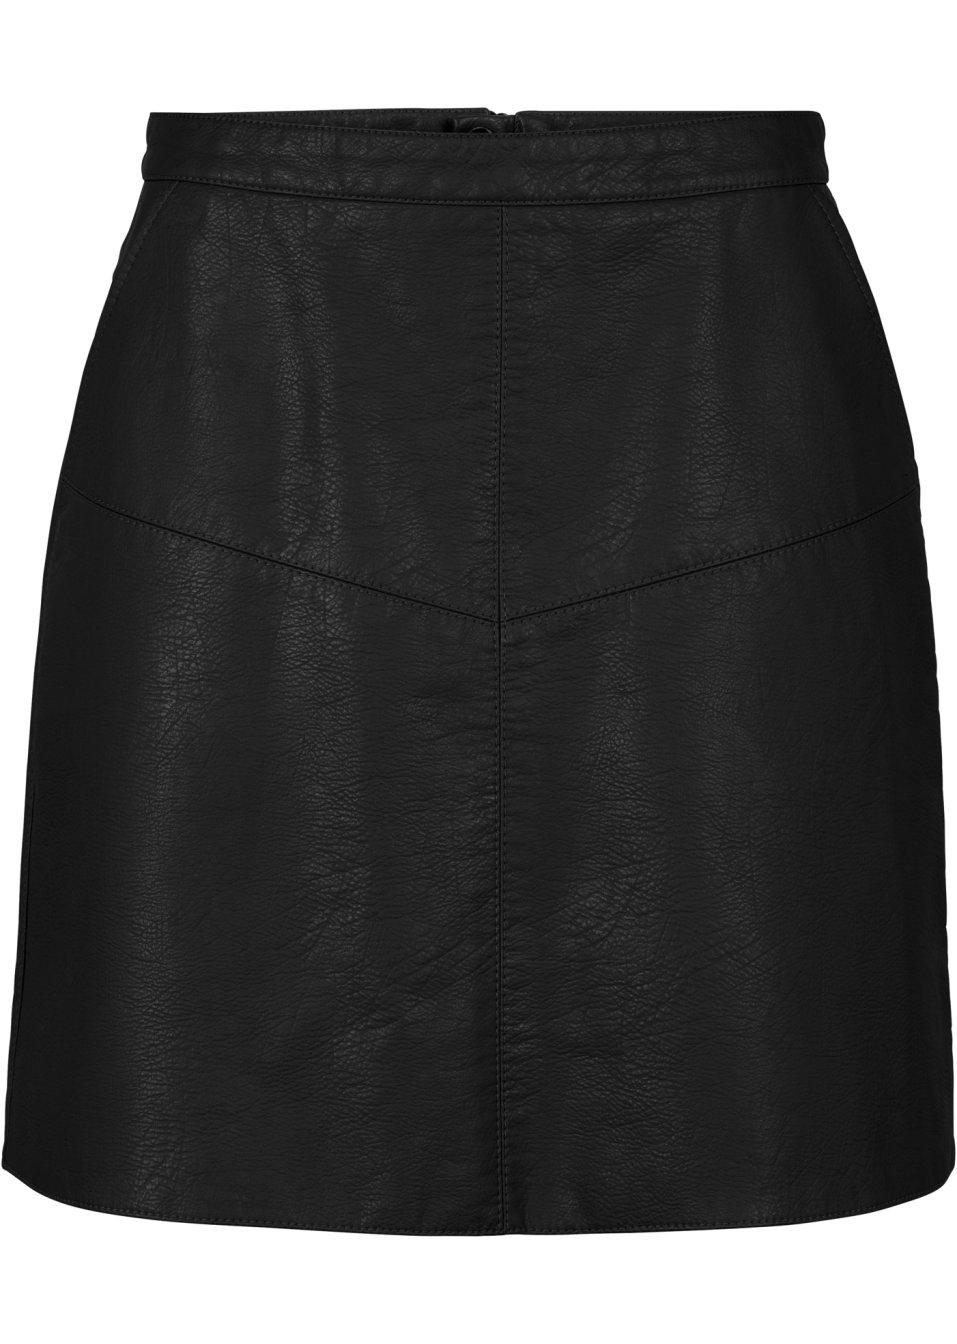 jupe en synth tique imitation cuir noir femme bodyflirt bonprix. Black Bedroom Furniture Sets. Home Design Ideas